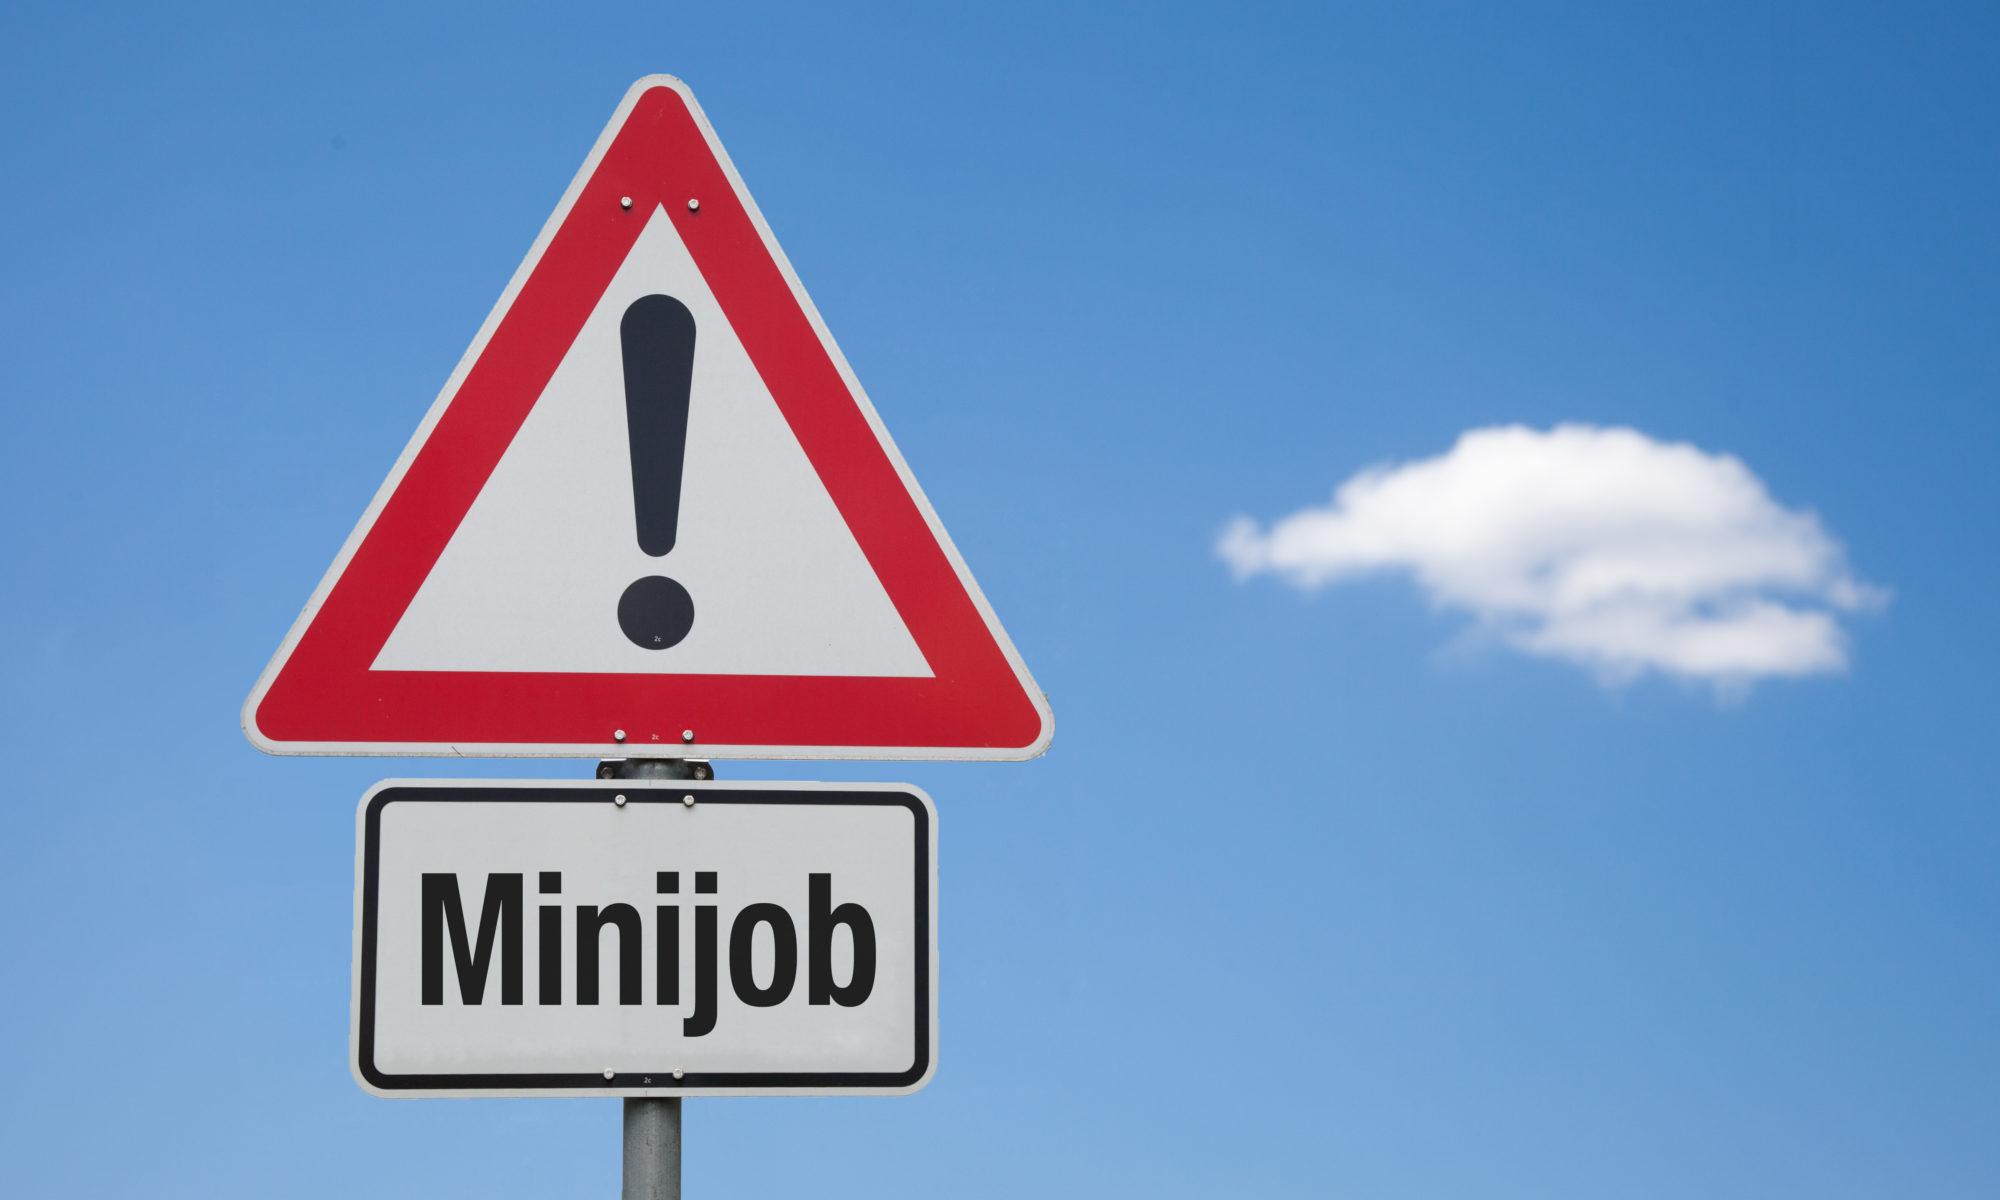 AdobeStock 49832971 2000x1200 - DGB: Minijobs brauchen soziale Absicherung